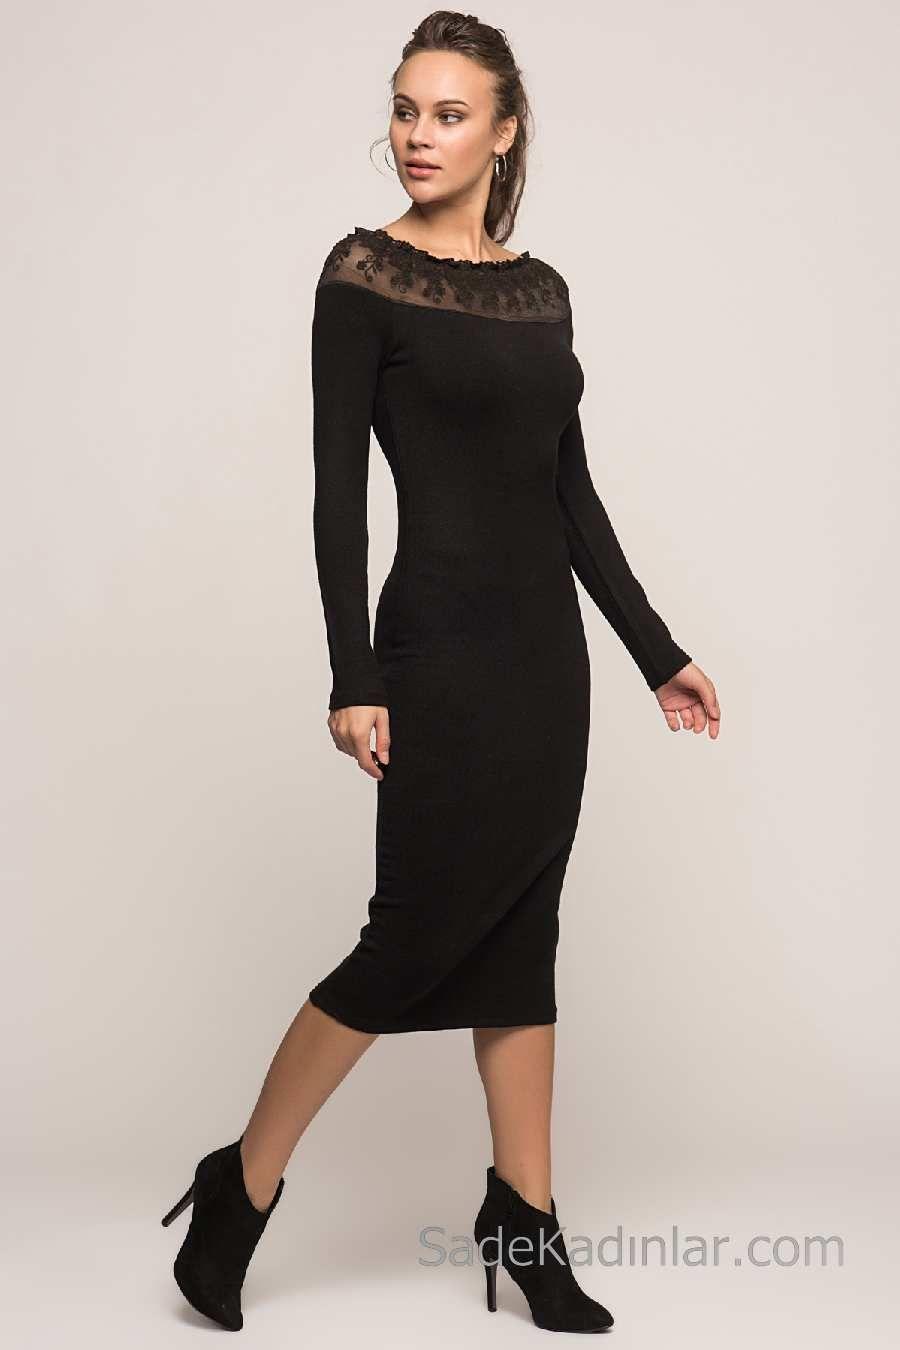 2020 Kislik Elbise Modelleri Siyah Diz Alti Kayik Yaka Dantelli Elbise Modelleri Elbise The Dress